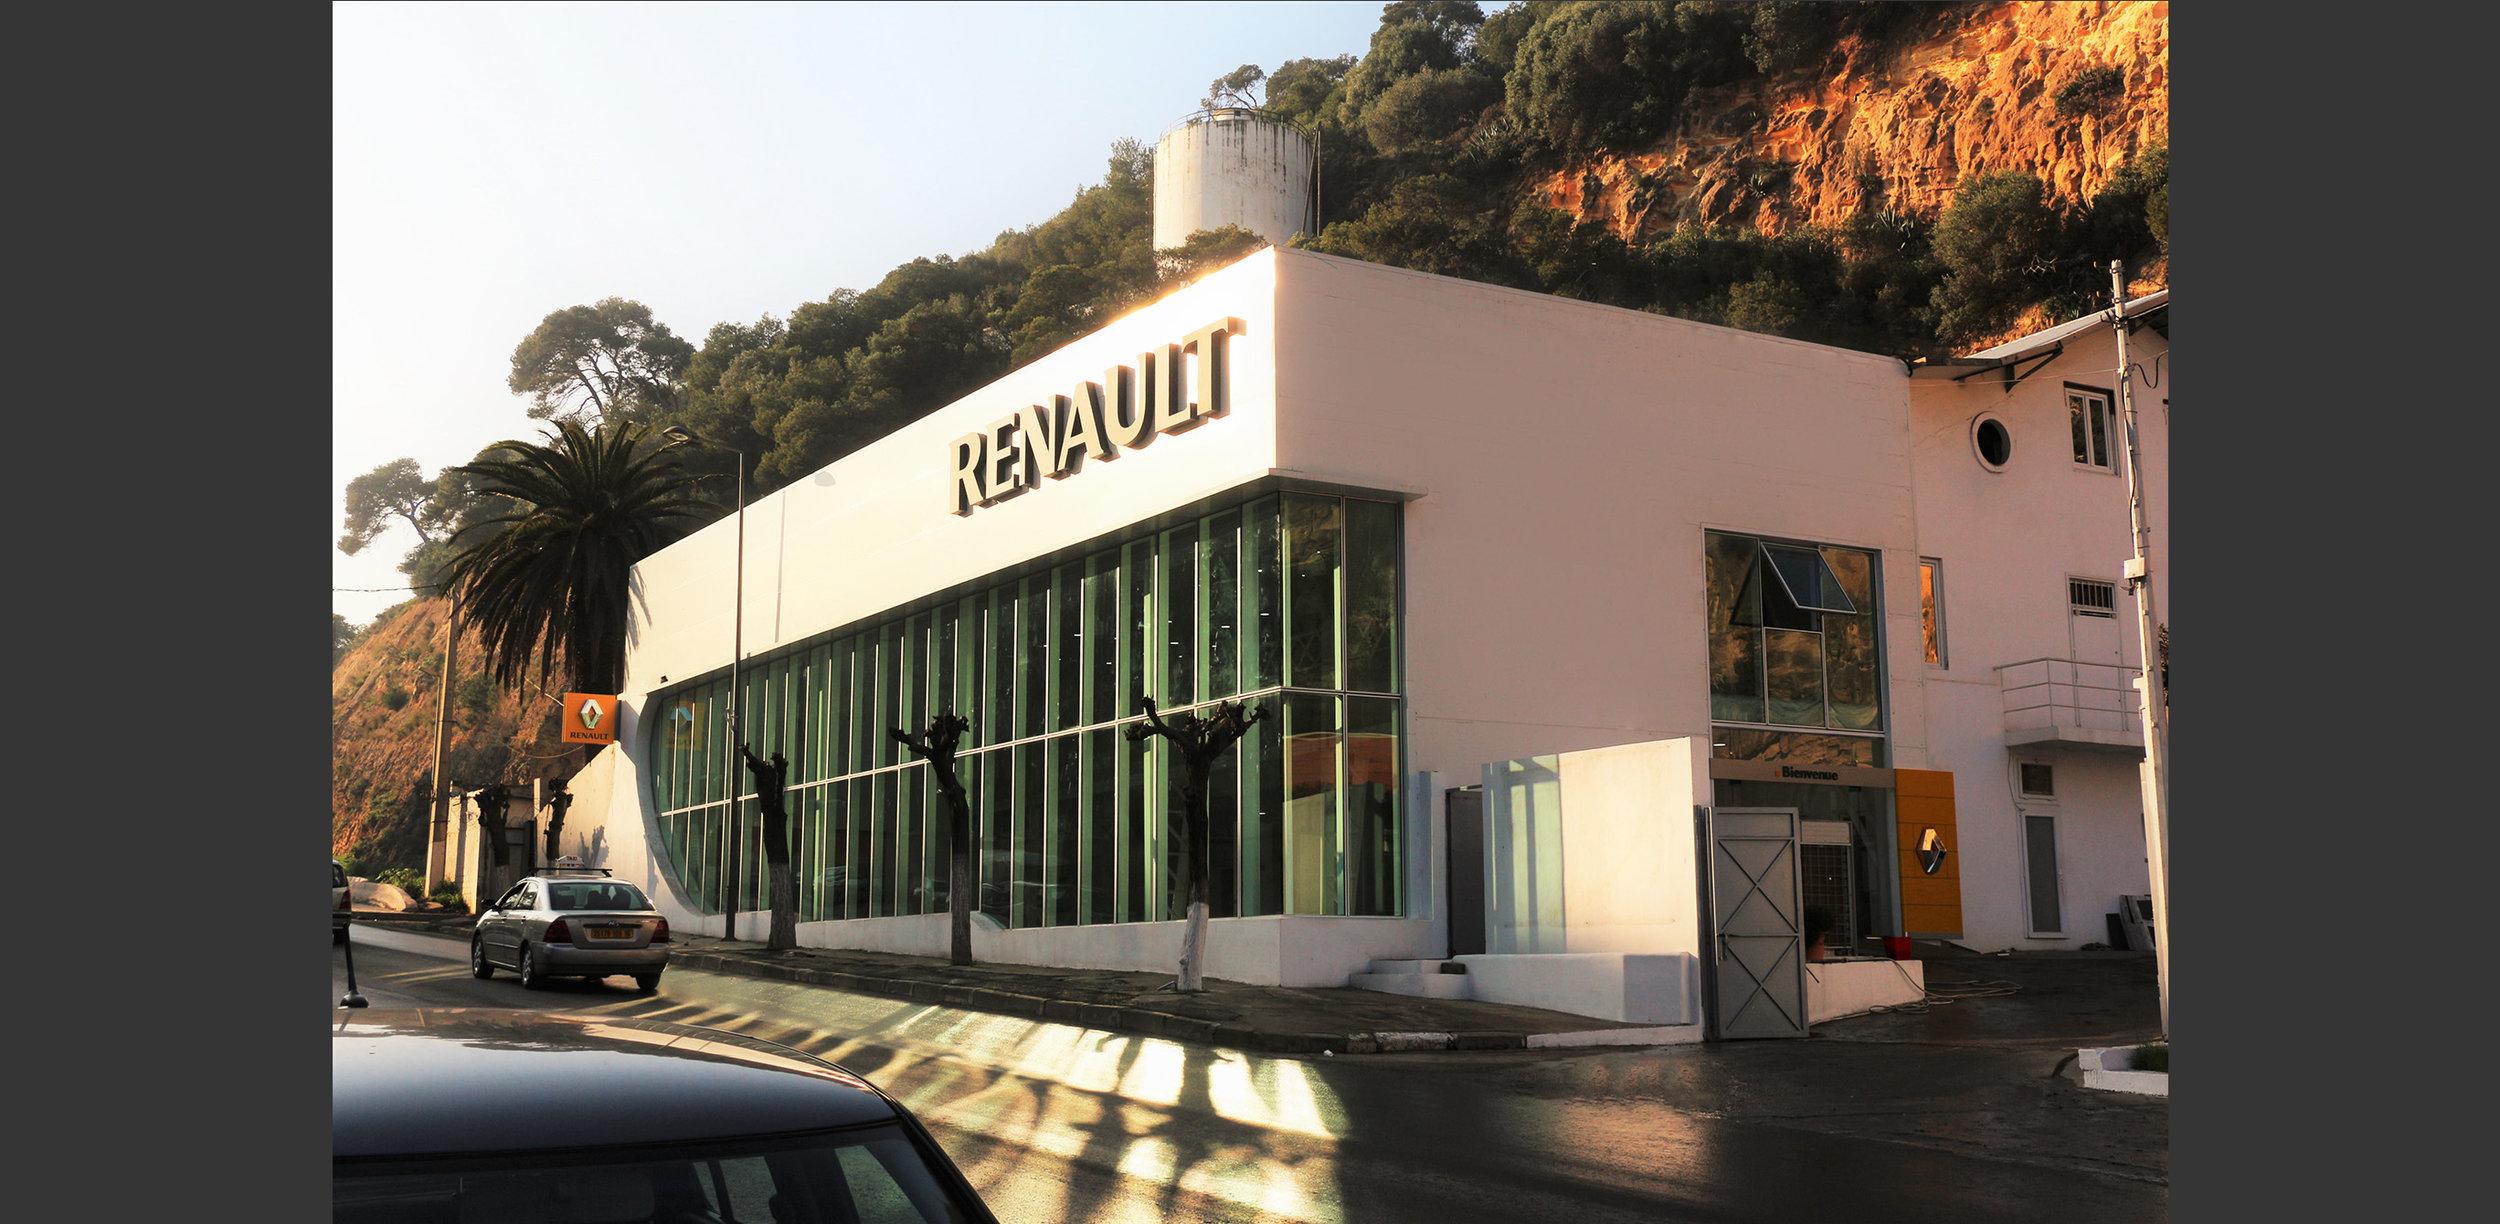 Showroom automobile à Alger, Atelier Messaoudi architecture aménagement et design. Bureau d'étude Algérie.